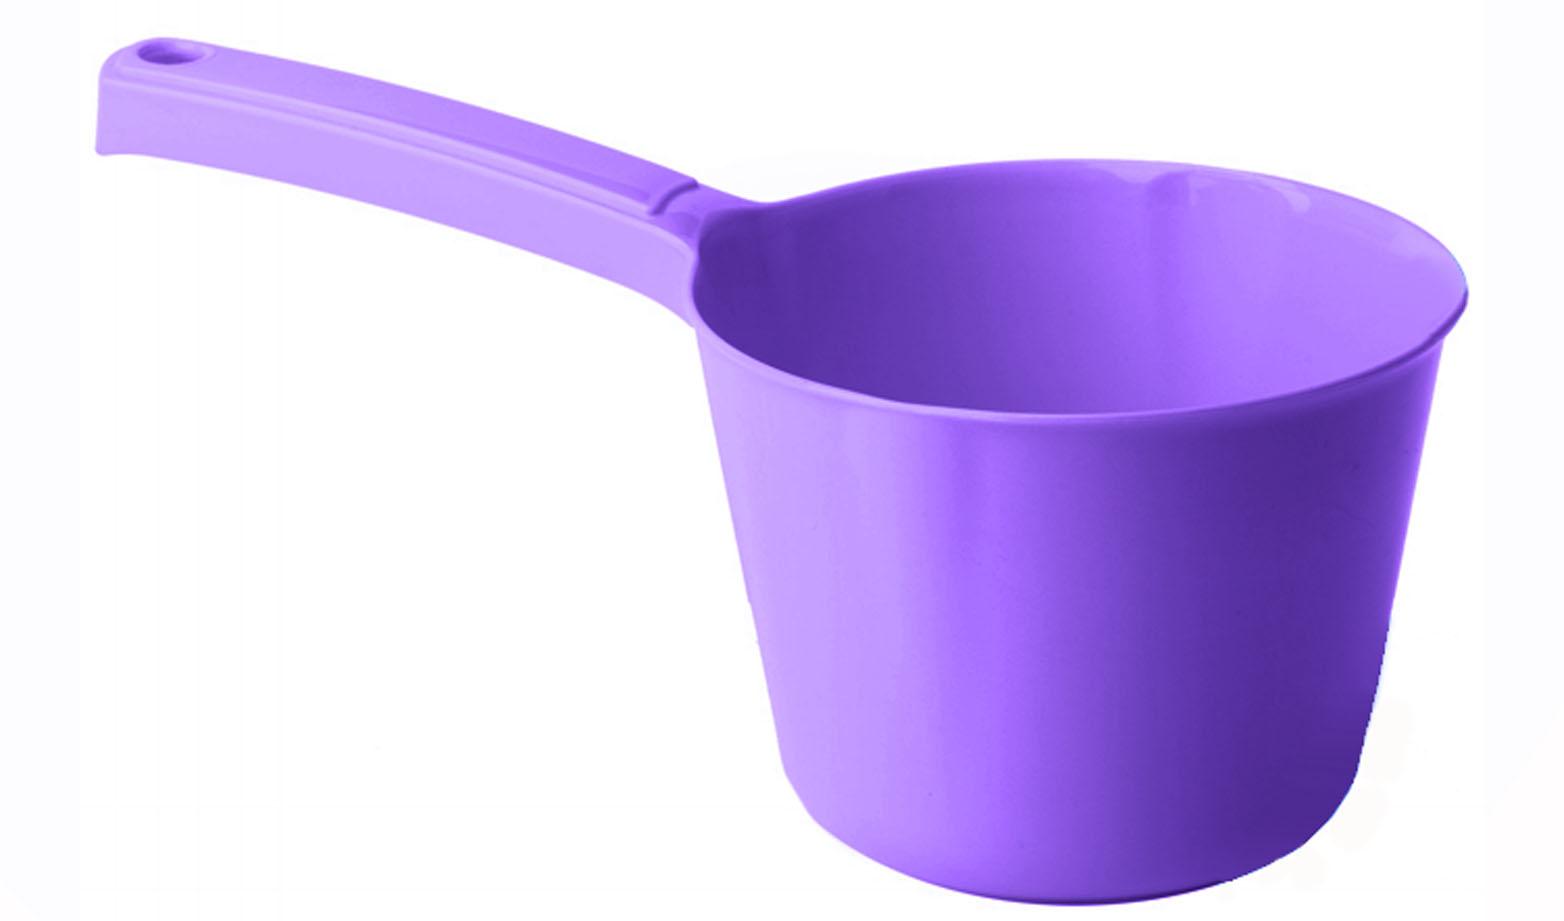 Ковш Idea, цвет: сиреневый, 1 лМ 1215Ковш Idea изготовлен из высококачественного цветного пластика. Изделие используется для моечных и обливных процедур, для черпания и переливания воды и других жидкостей. Ковш оснащен удобной эргономичной ручкой с петелькой для подвешивания на крючок. Диаметр ковша (по верхнему краю): 13,5 см.Высота стенки ковша: 10 см.Длина ручки: 12 см.